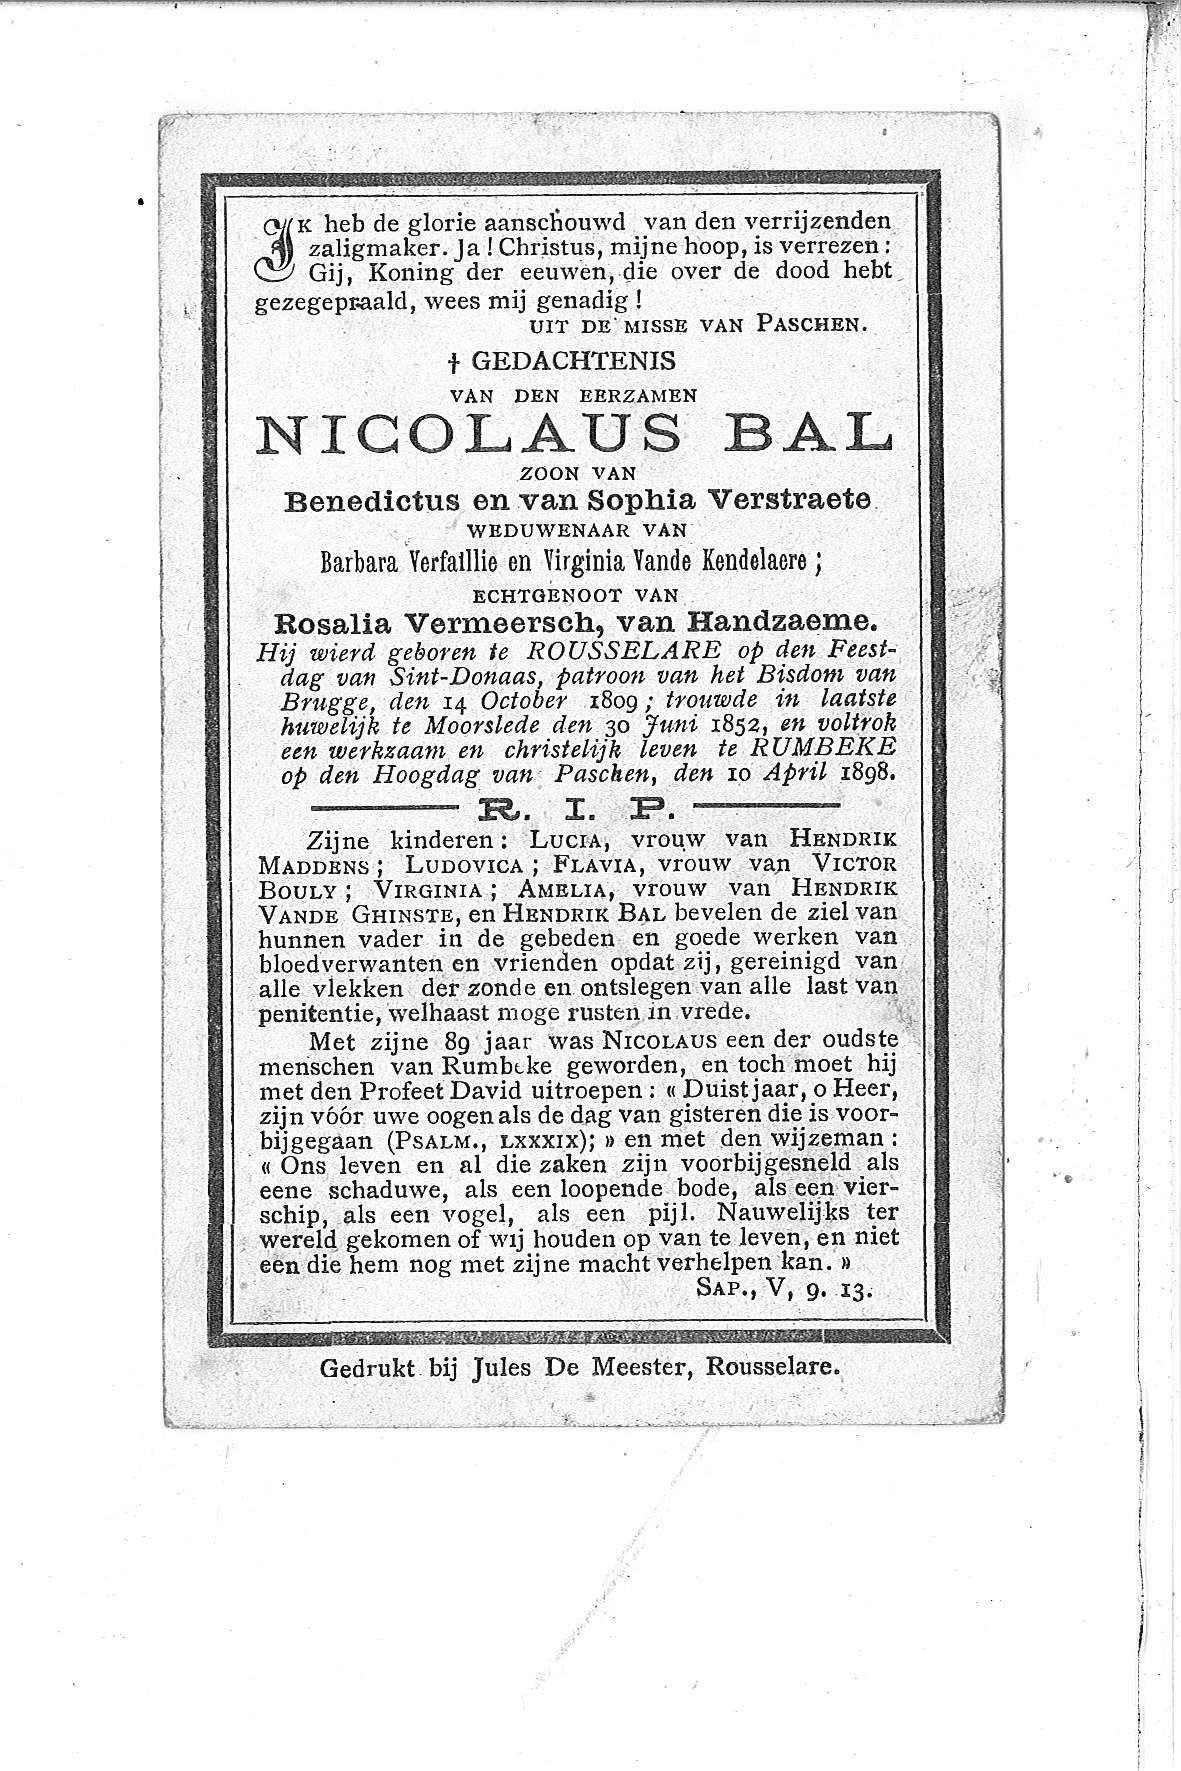 Nicolas(1898)20101006151440_00010.jpg